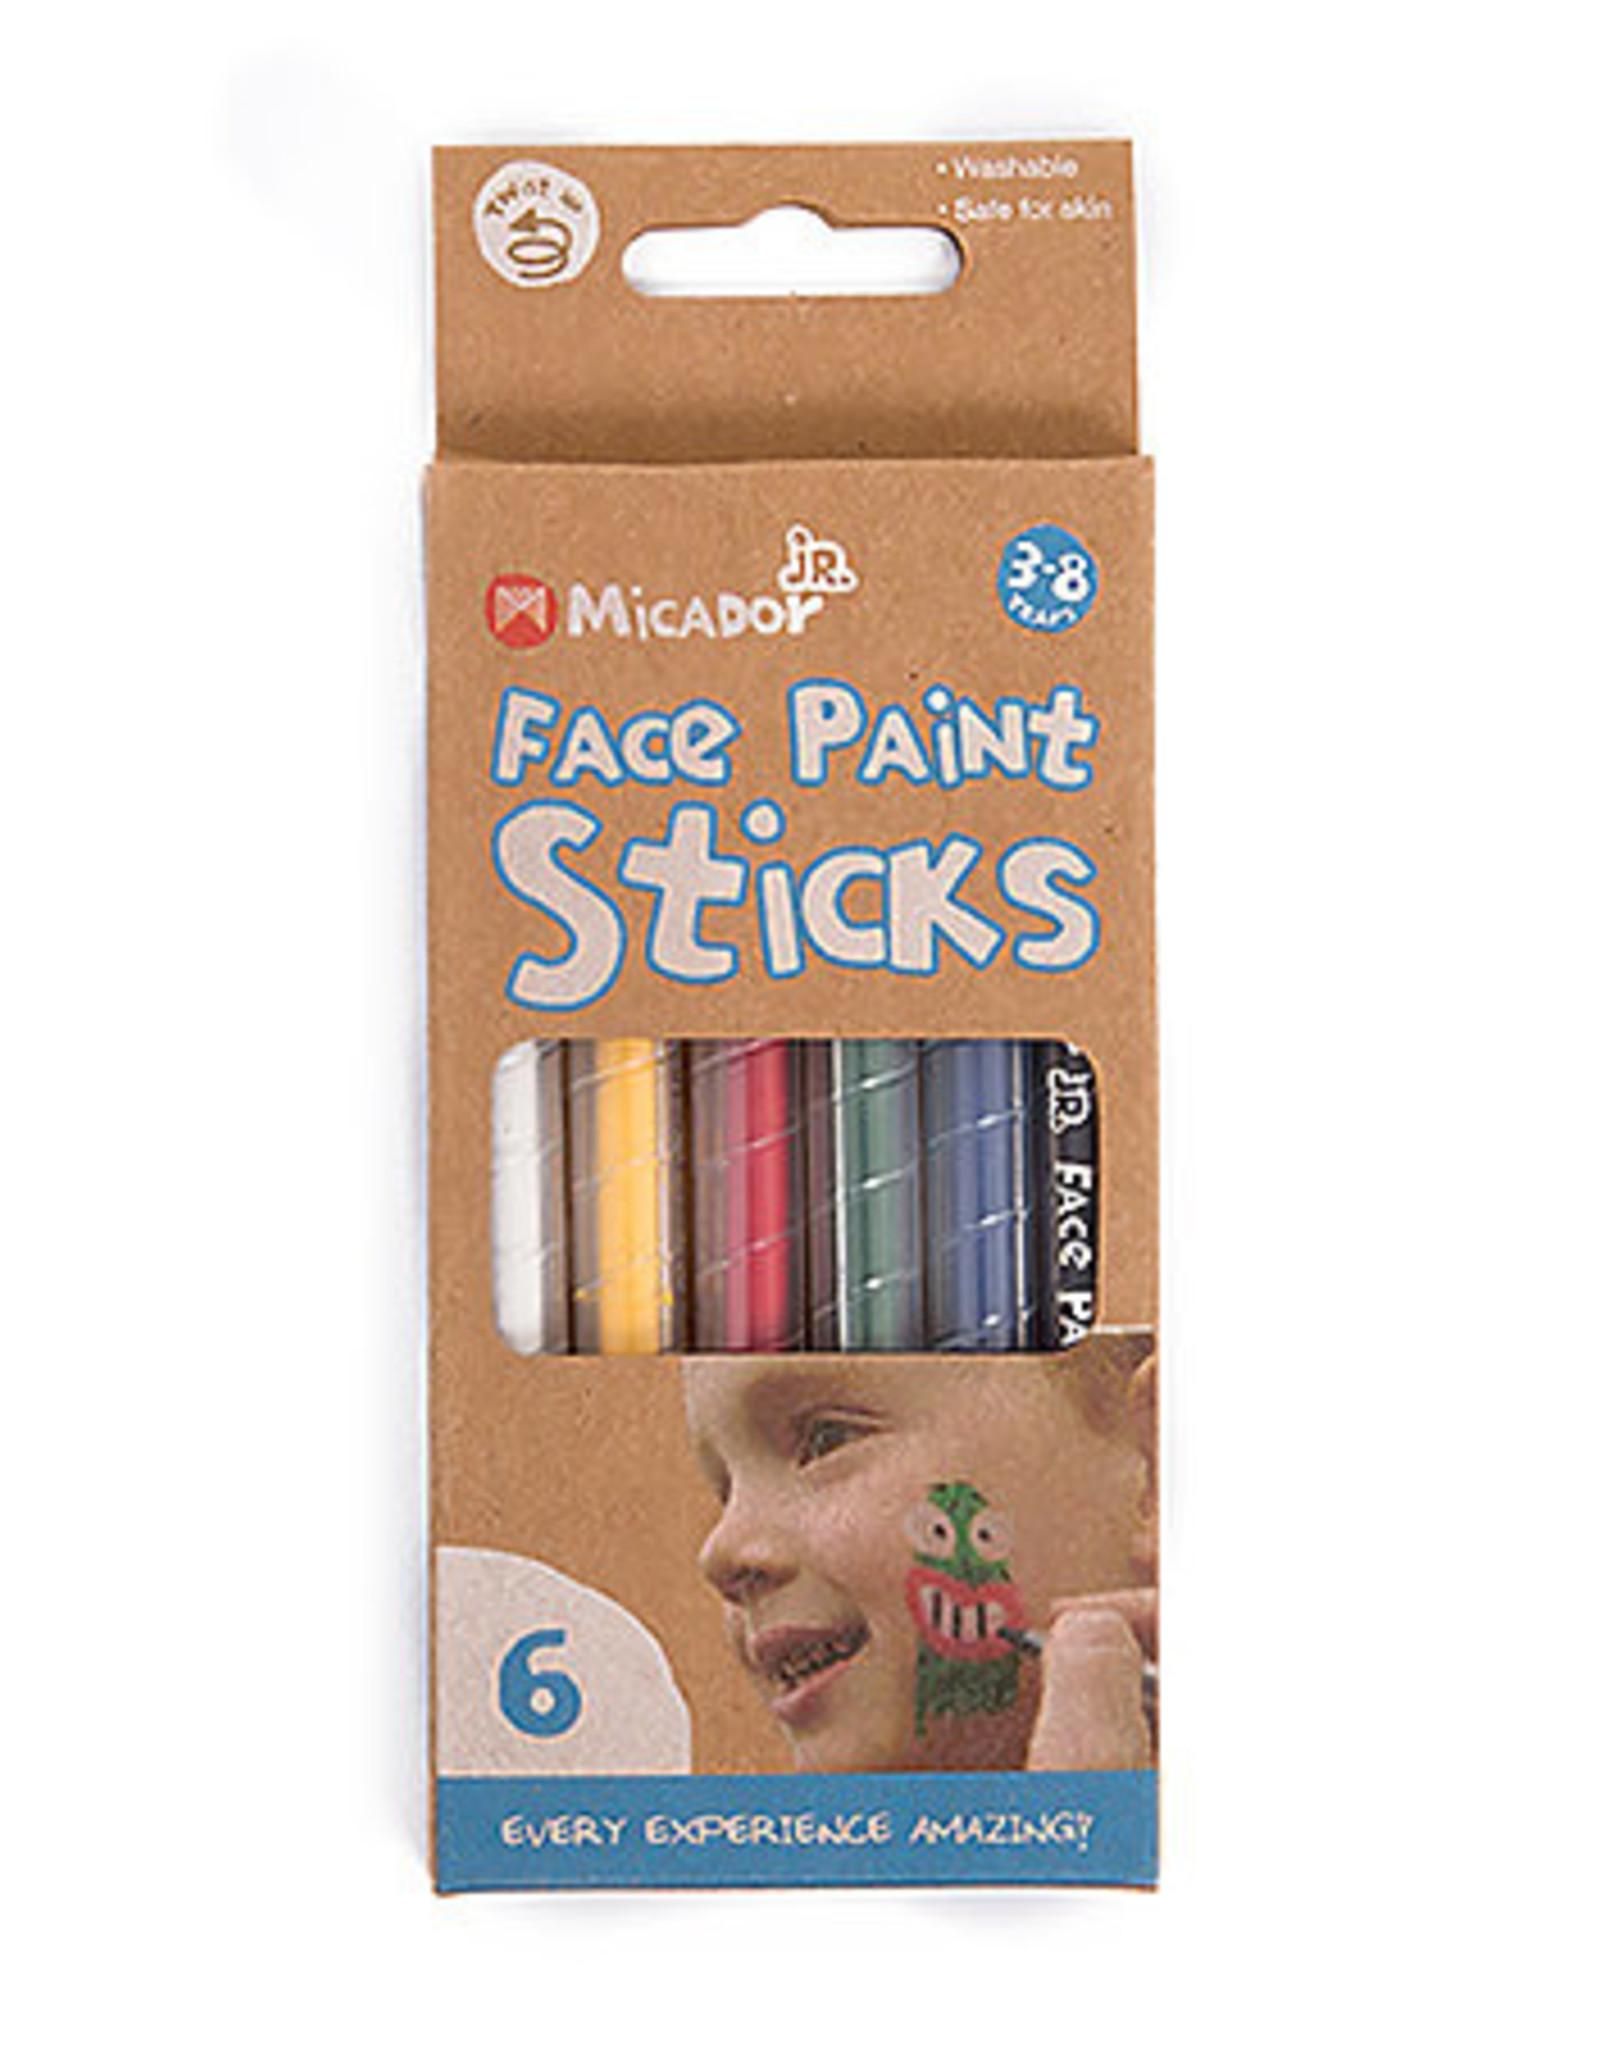 Face Paint Sticks